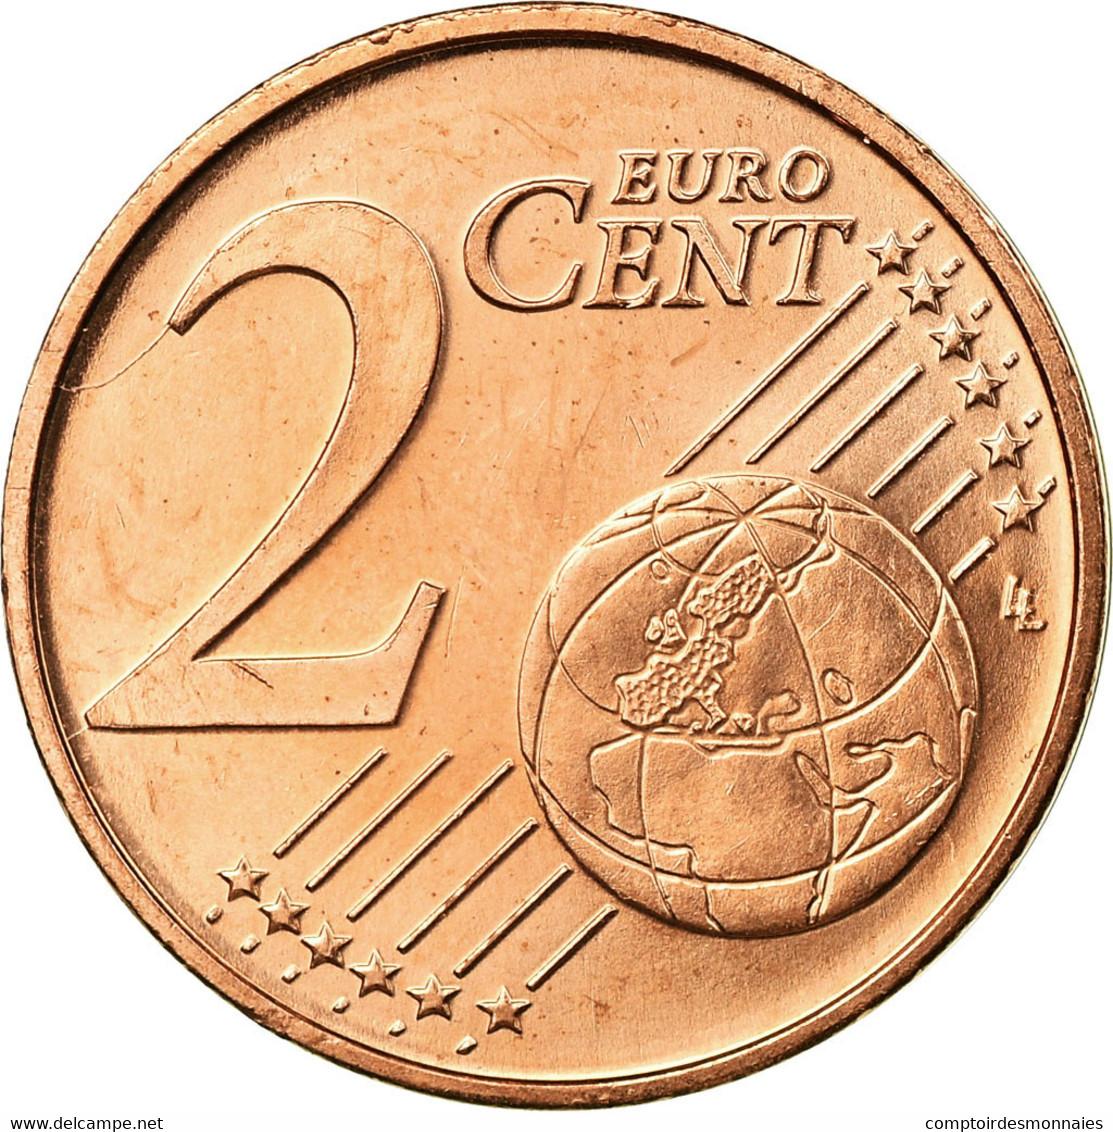 Autriche, 2 Euro Cent, 2005, SUP, Copper Plated Steel, KM:3083 - Autriche